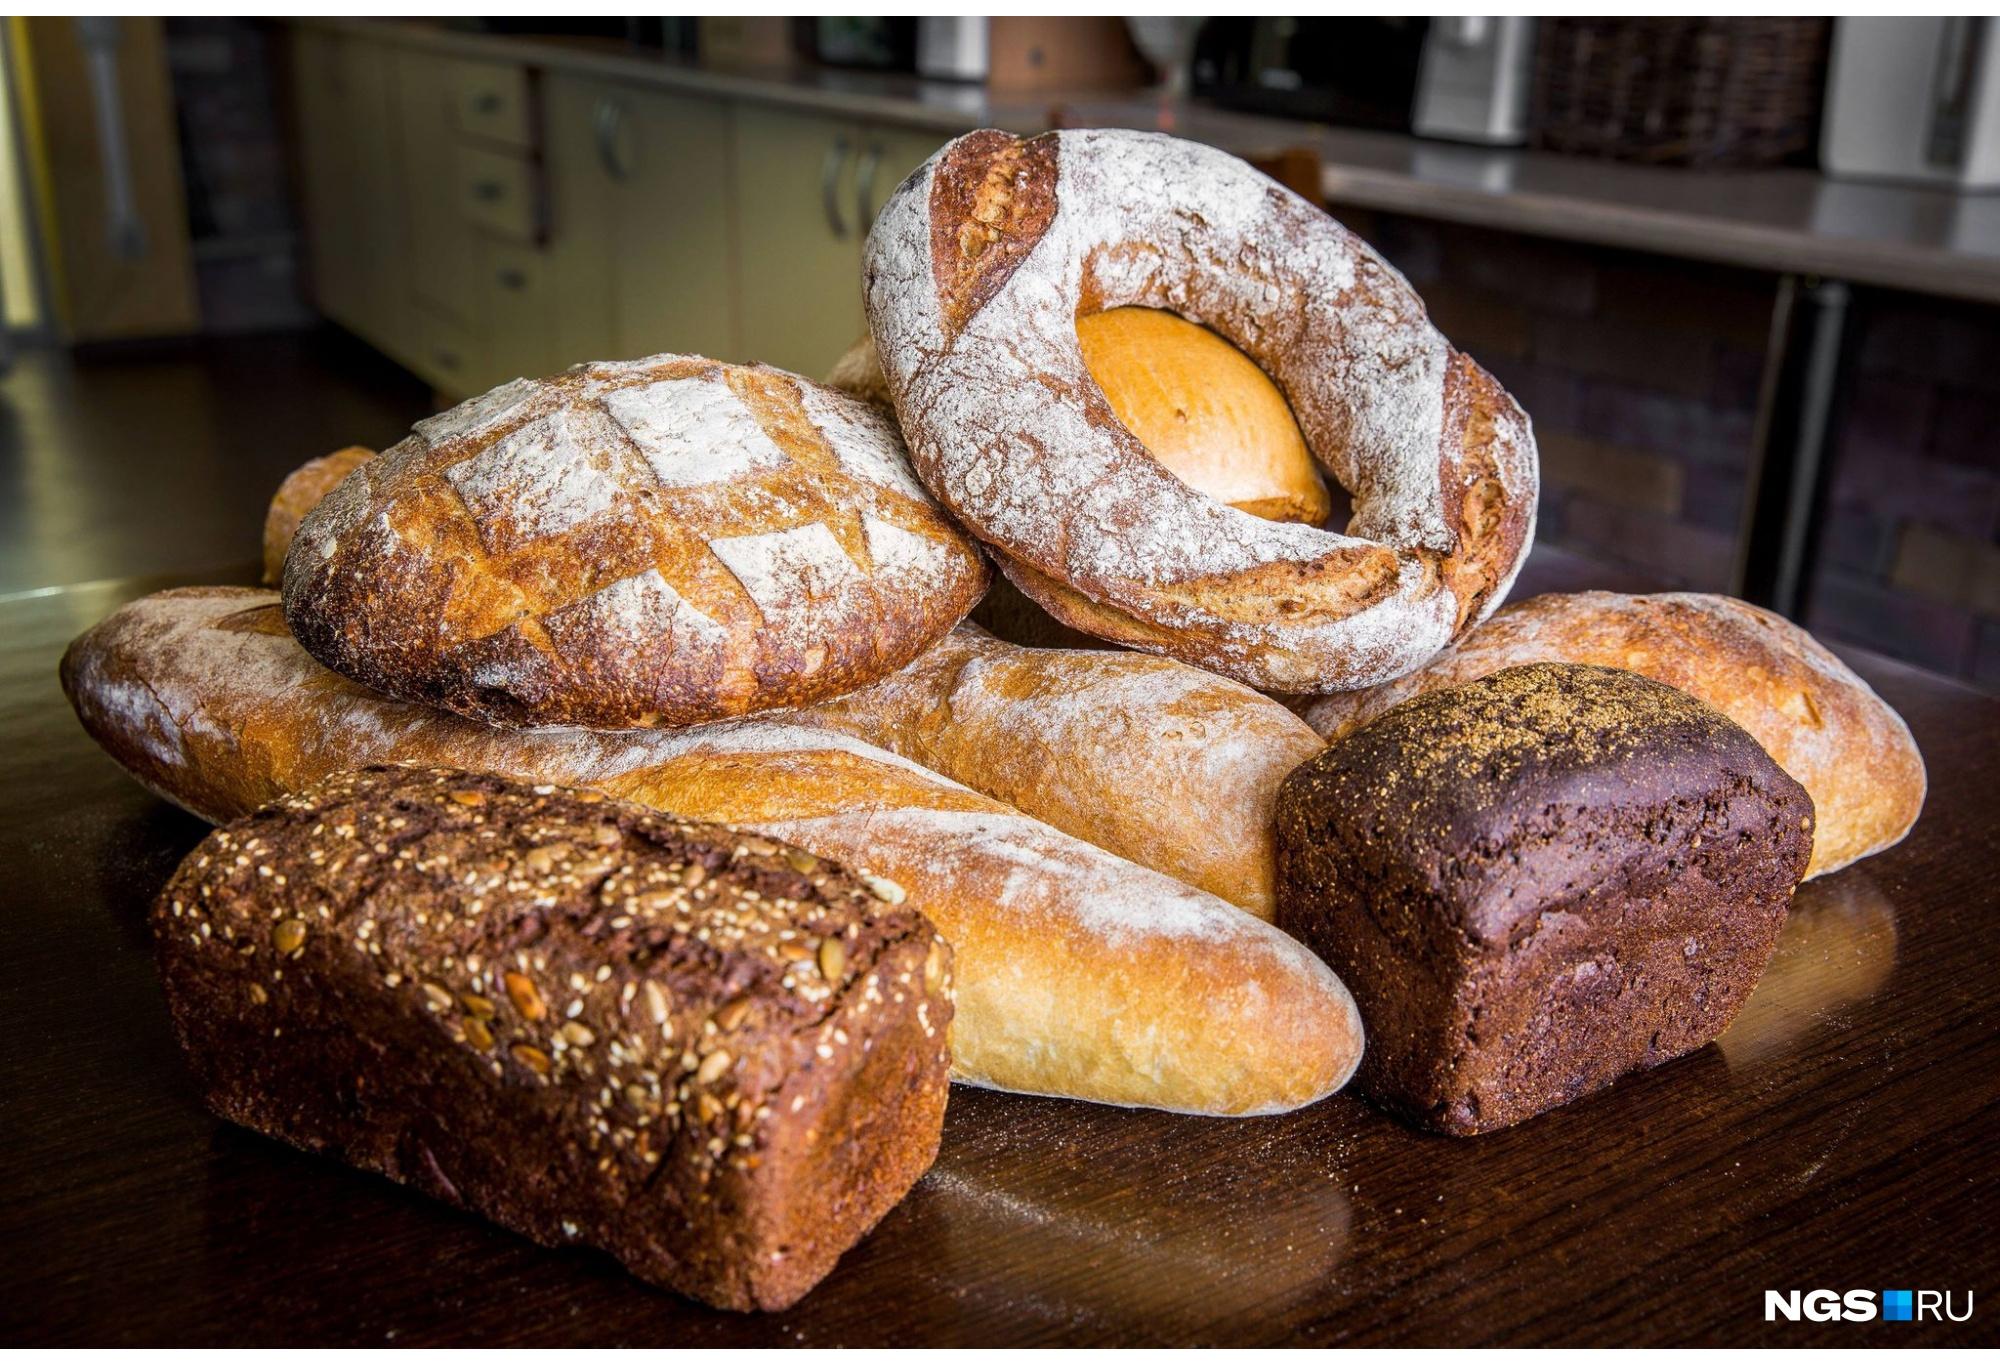 Если вы решили отказаться от хлеба исключительно из-за глютена, тысячу раз подумайте